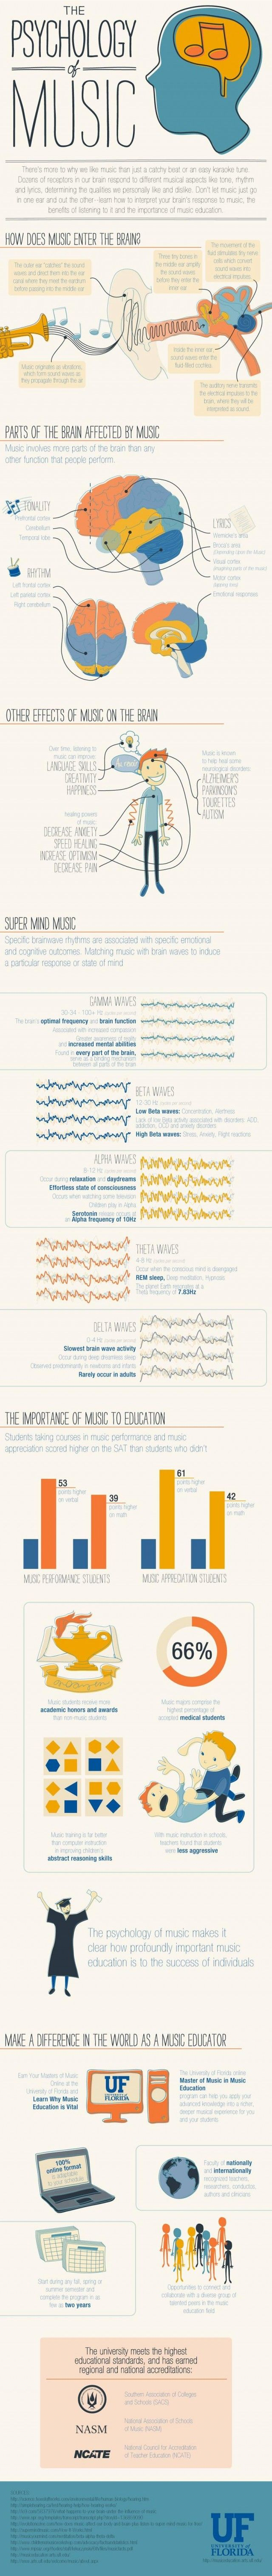 la psychologie de la musique